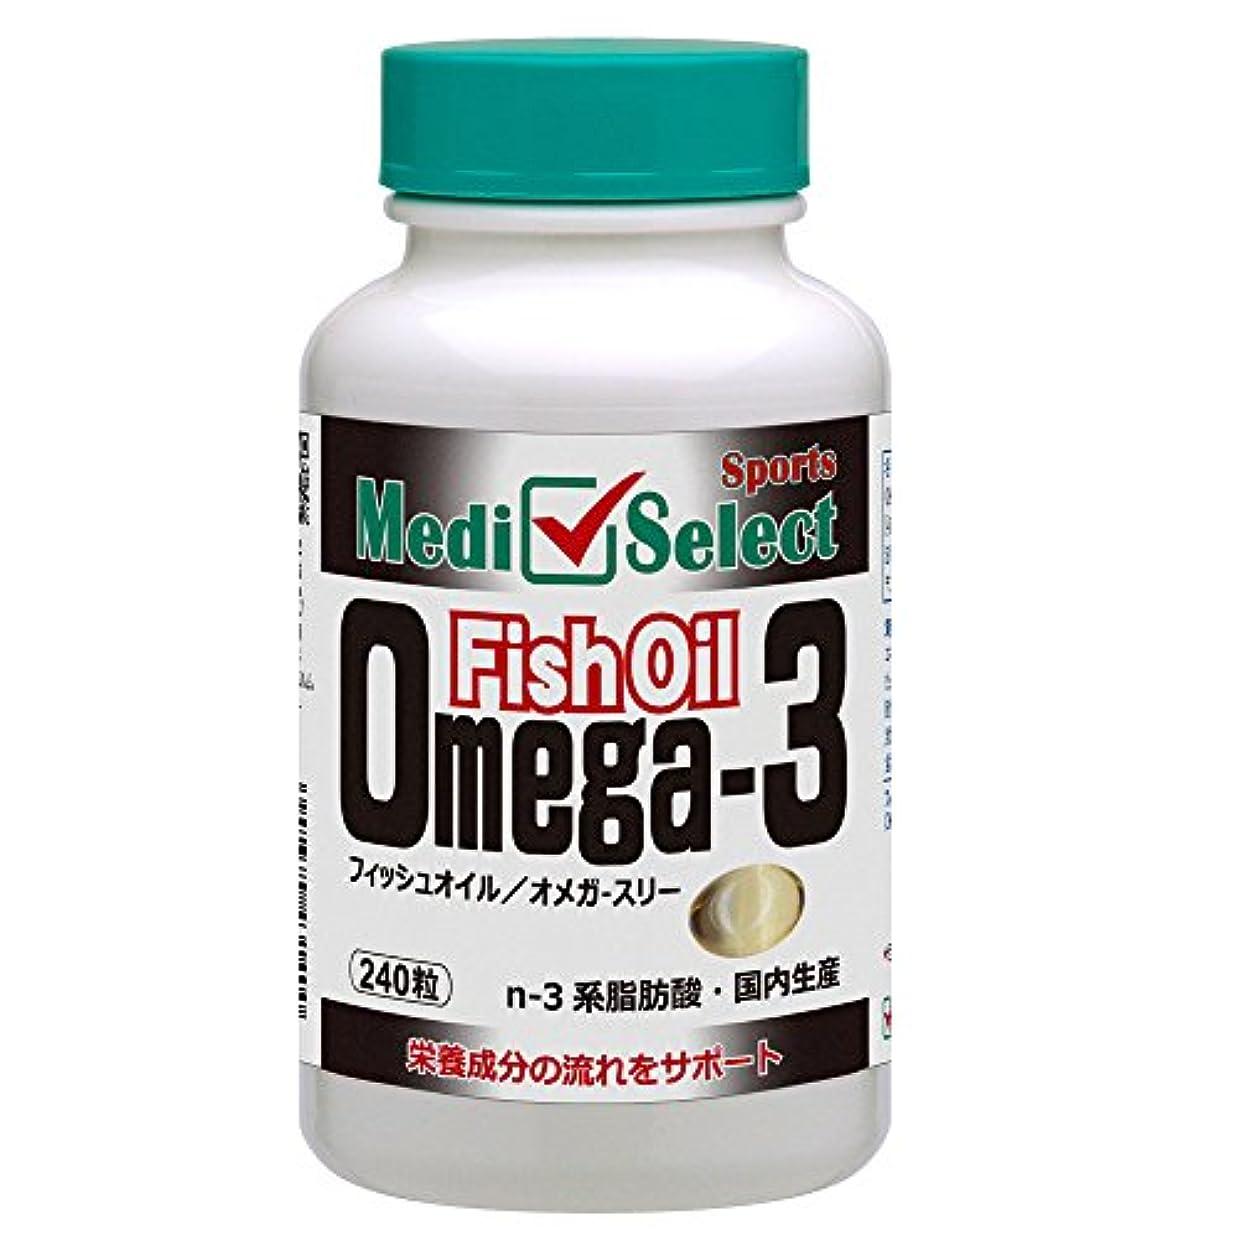 応答メディアサイバースペースメディセレクト スポーツ フィッシュオイル Omega-3(オメガ-スリー) 240粒